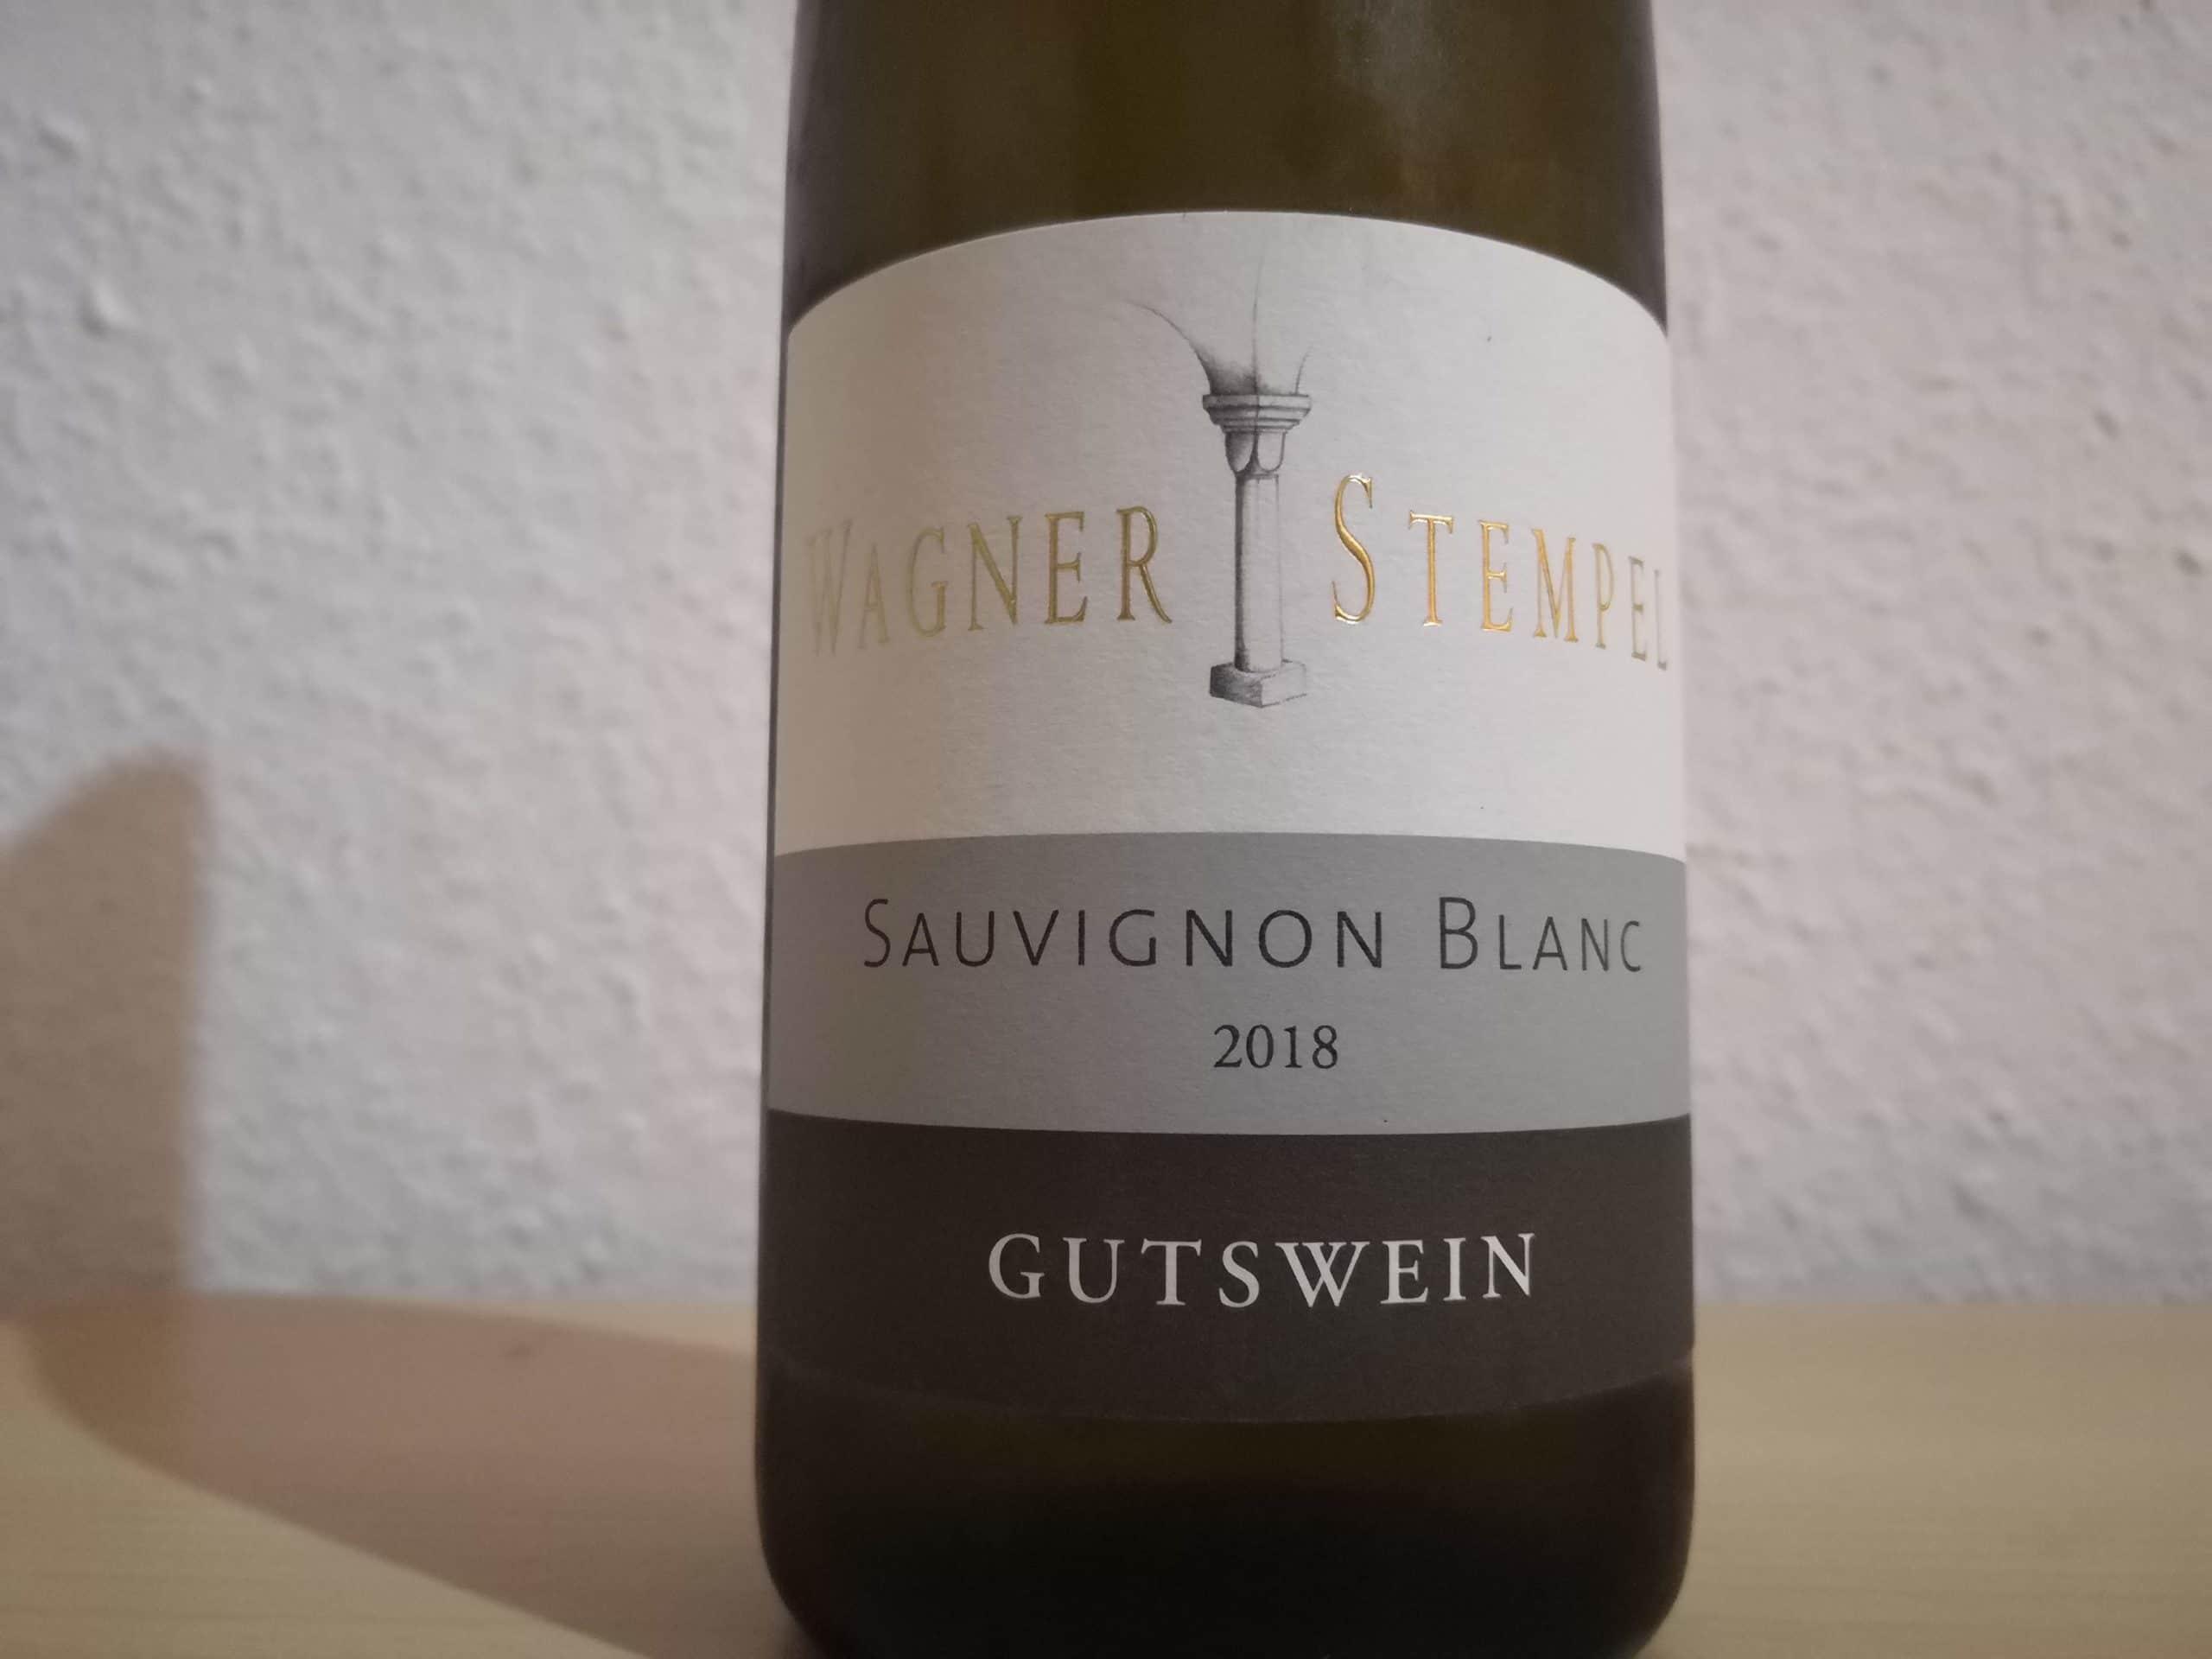 2018er Sauvignon Blanc trocken vom Weingut Wagner-Stempel